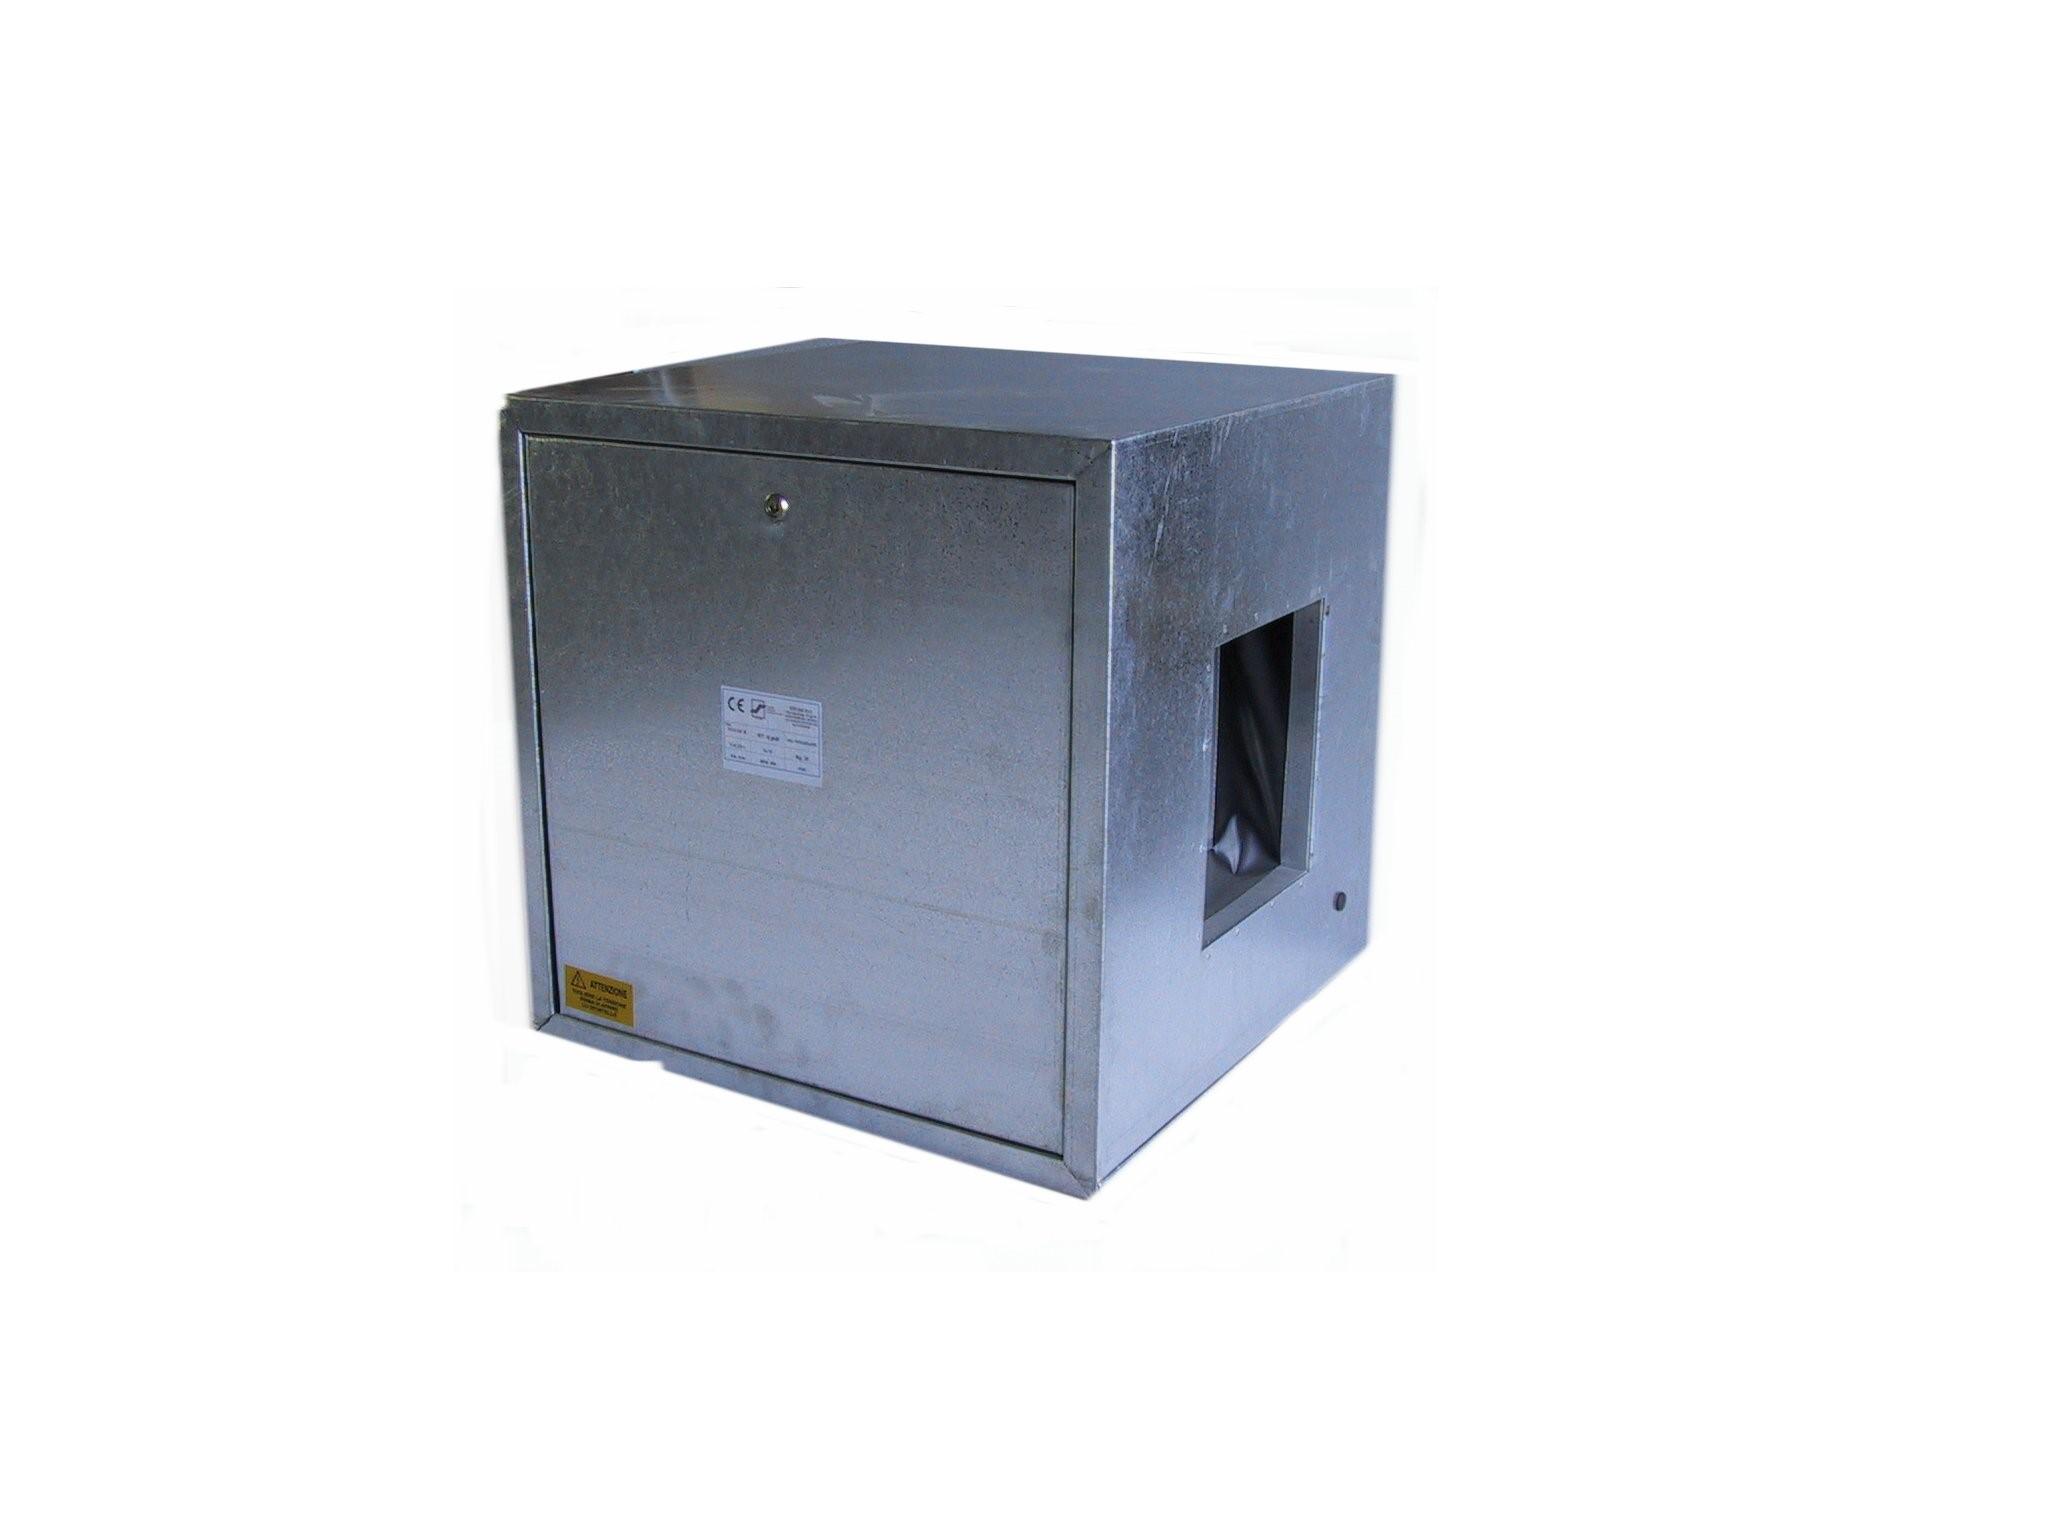 Ventilatore cassonato a semplice aspirazione con motore direttamente accoppiato 4,0 Kw 380 V grandezza 351